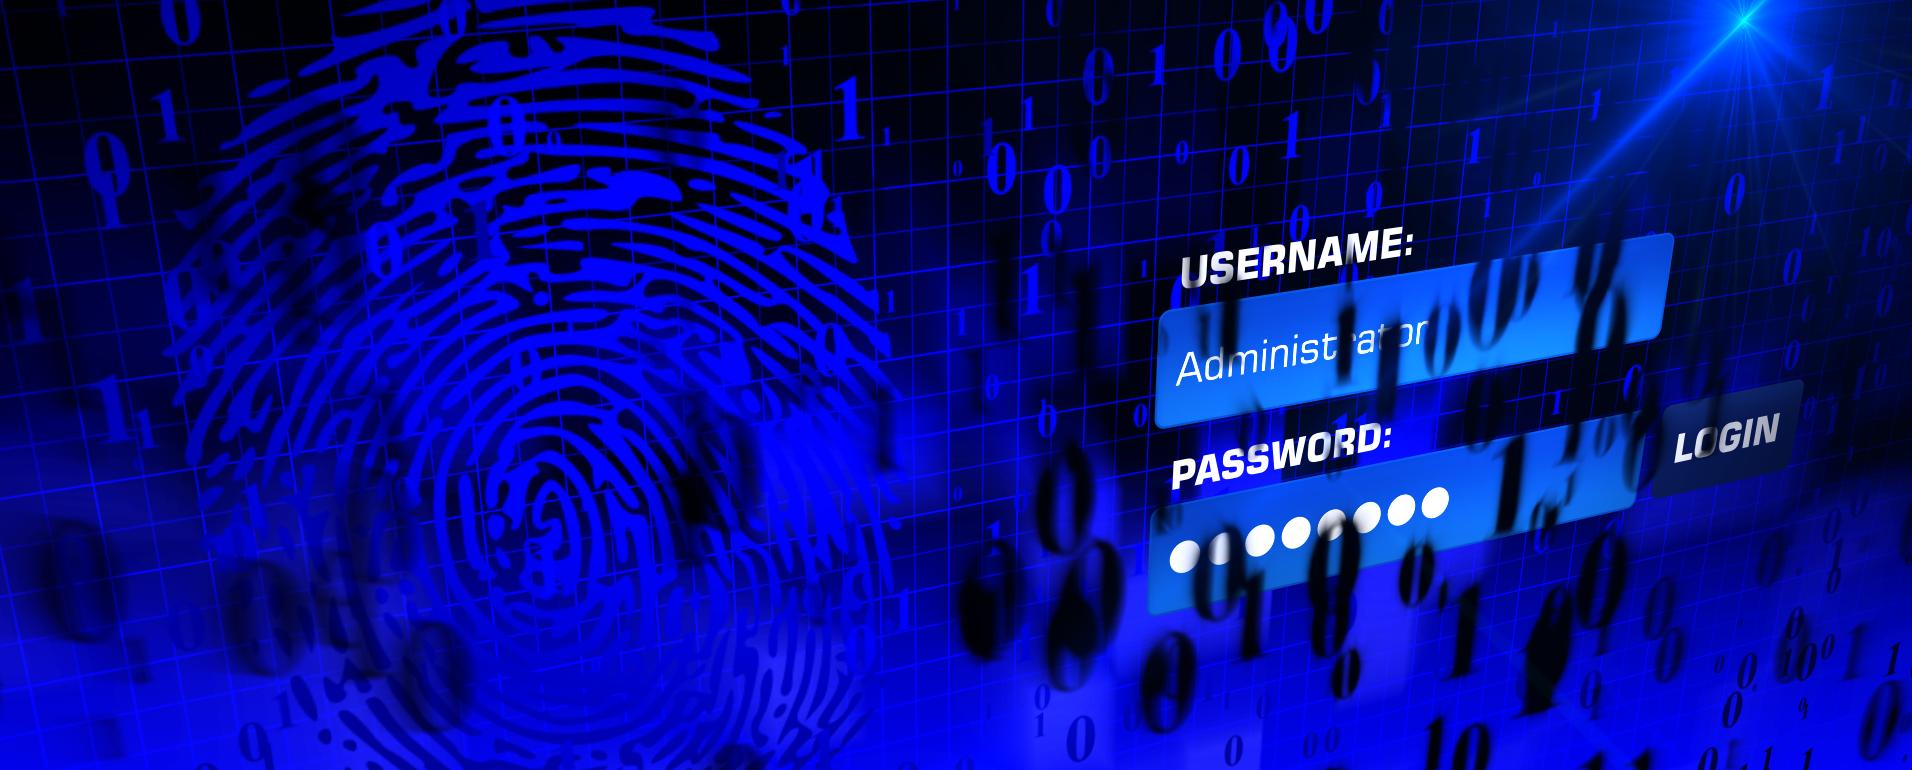 #Arztpraxis #PraxisKorecki #MarcinKorecki #Datenschutz #Sicherheit